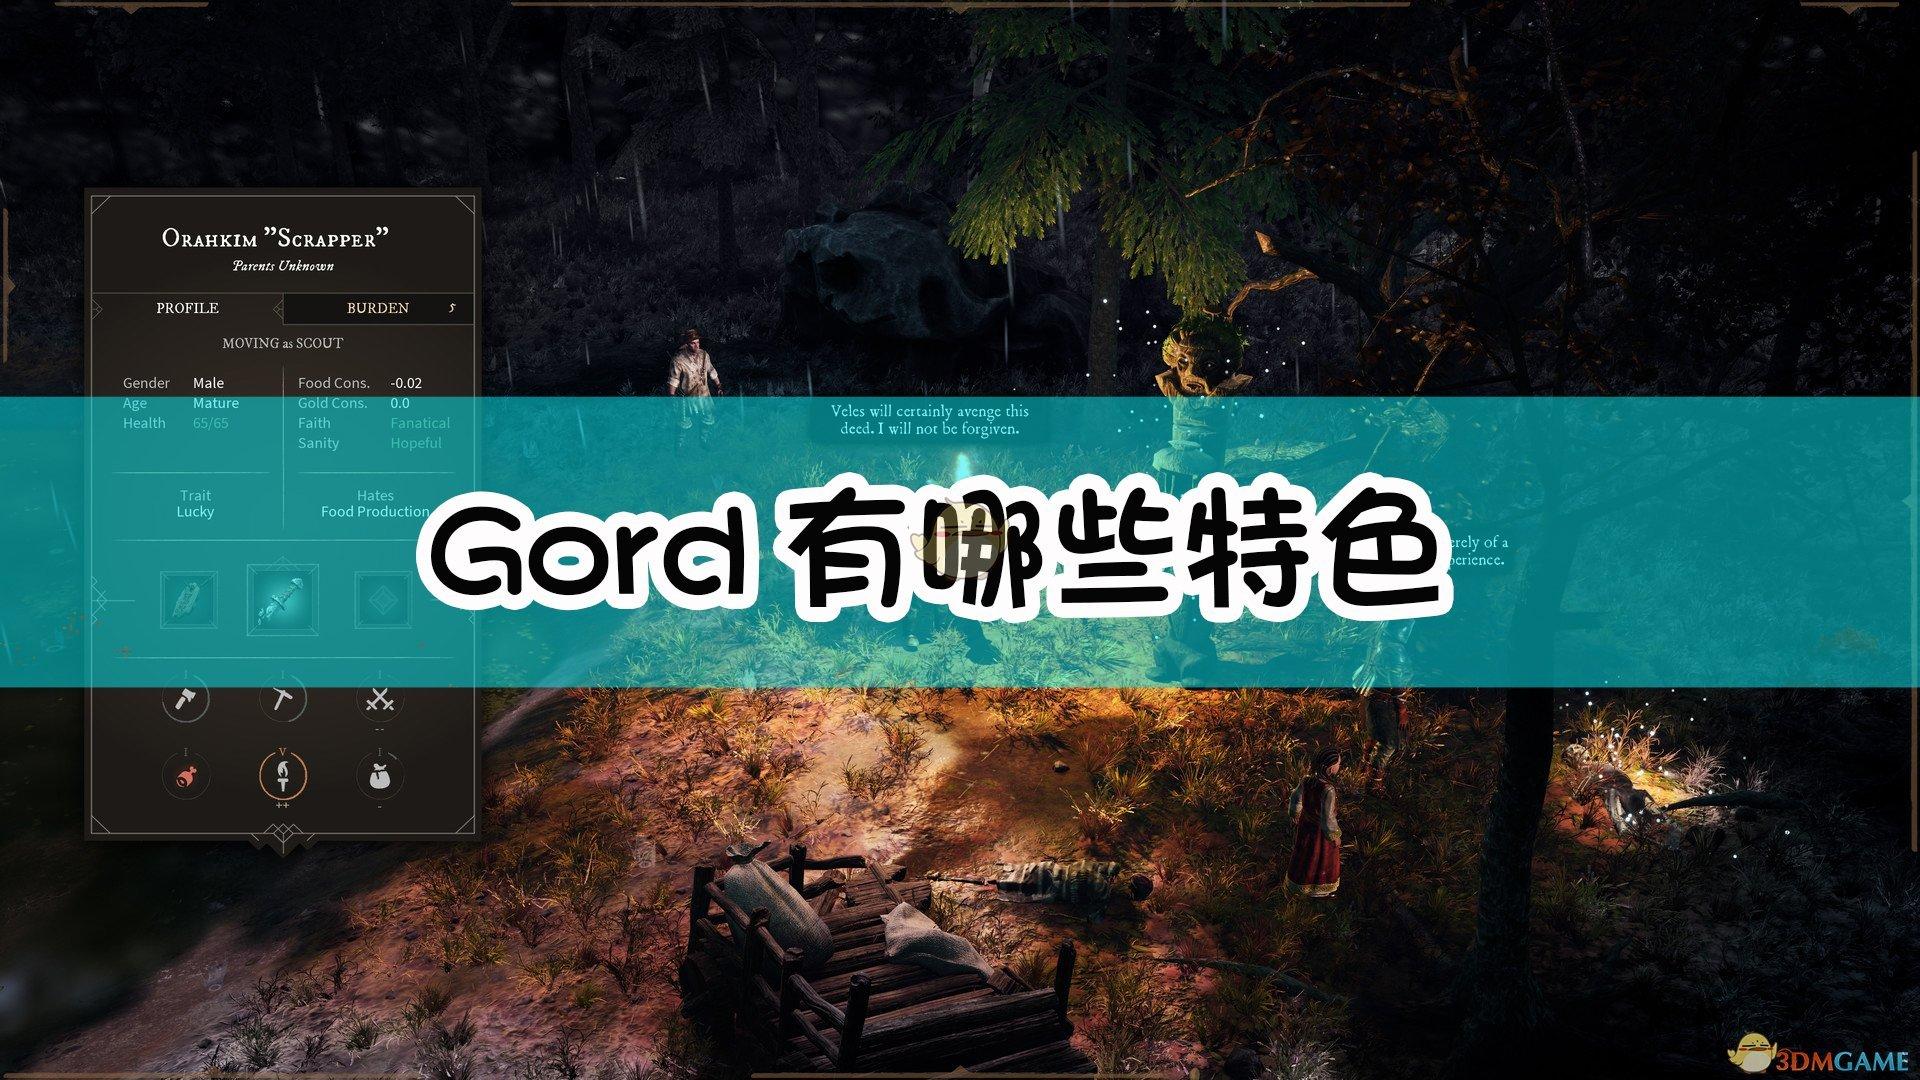 《Gord》游戏特色介绍